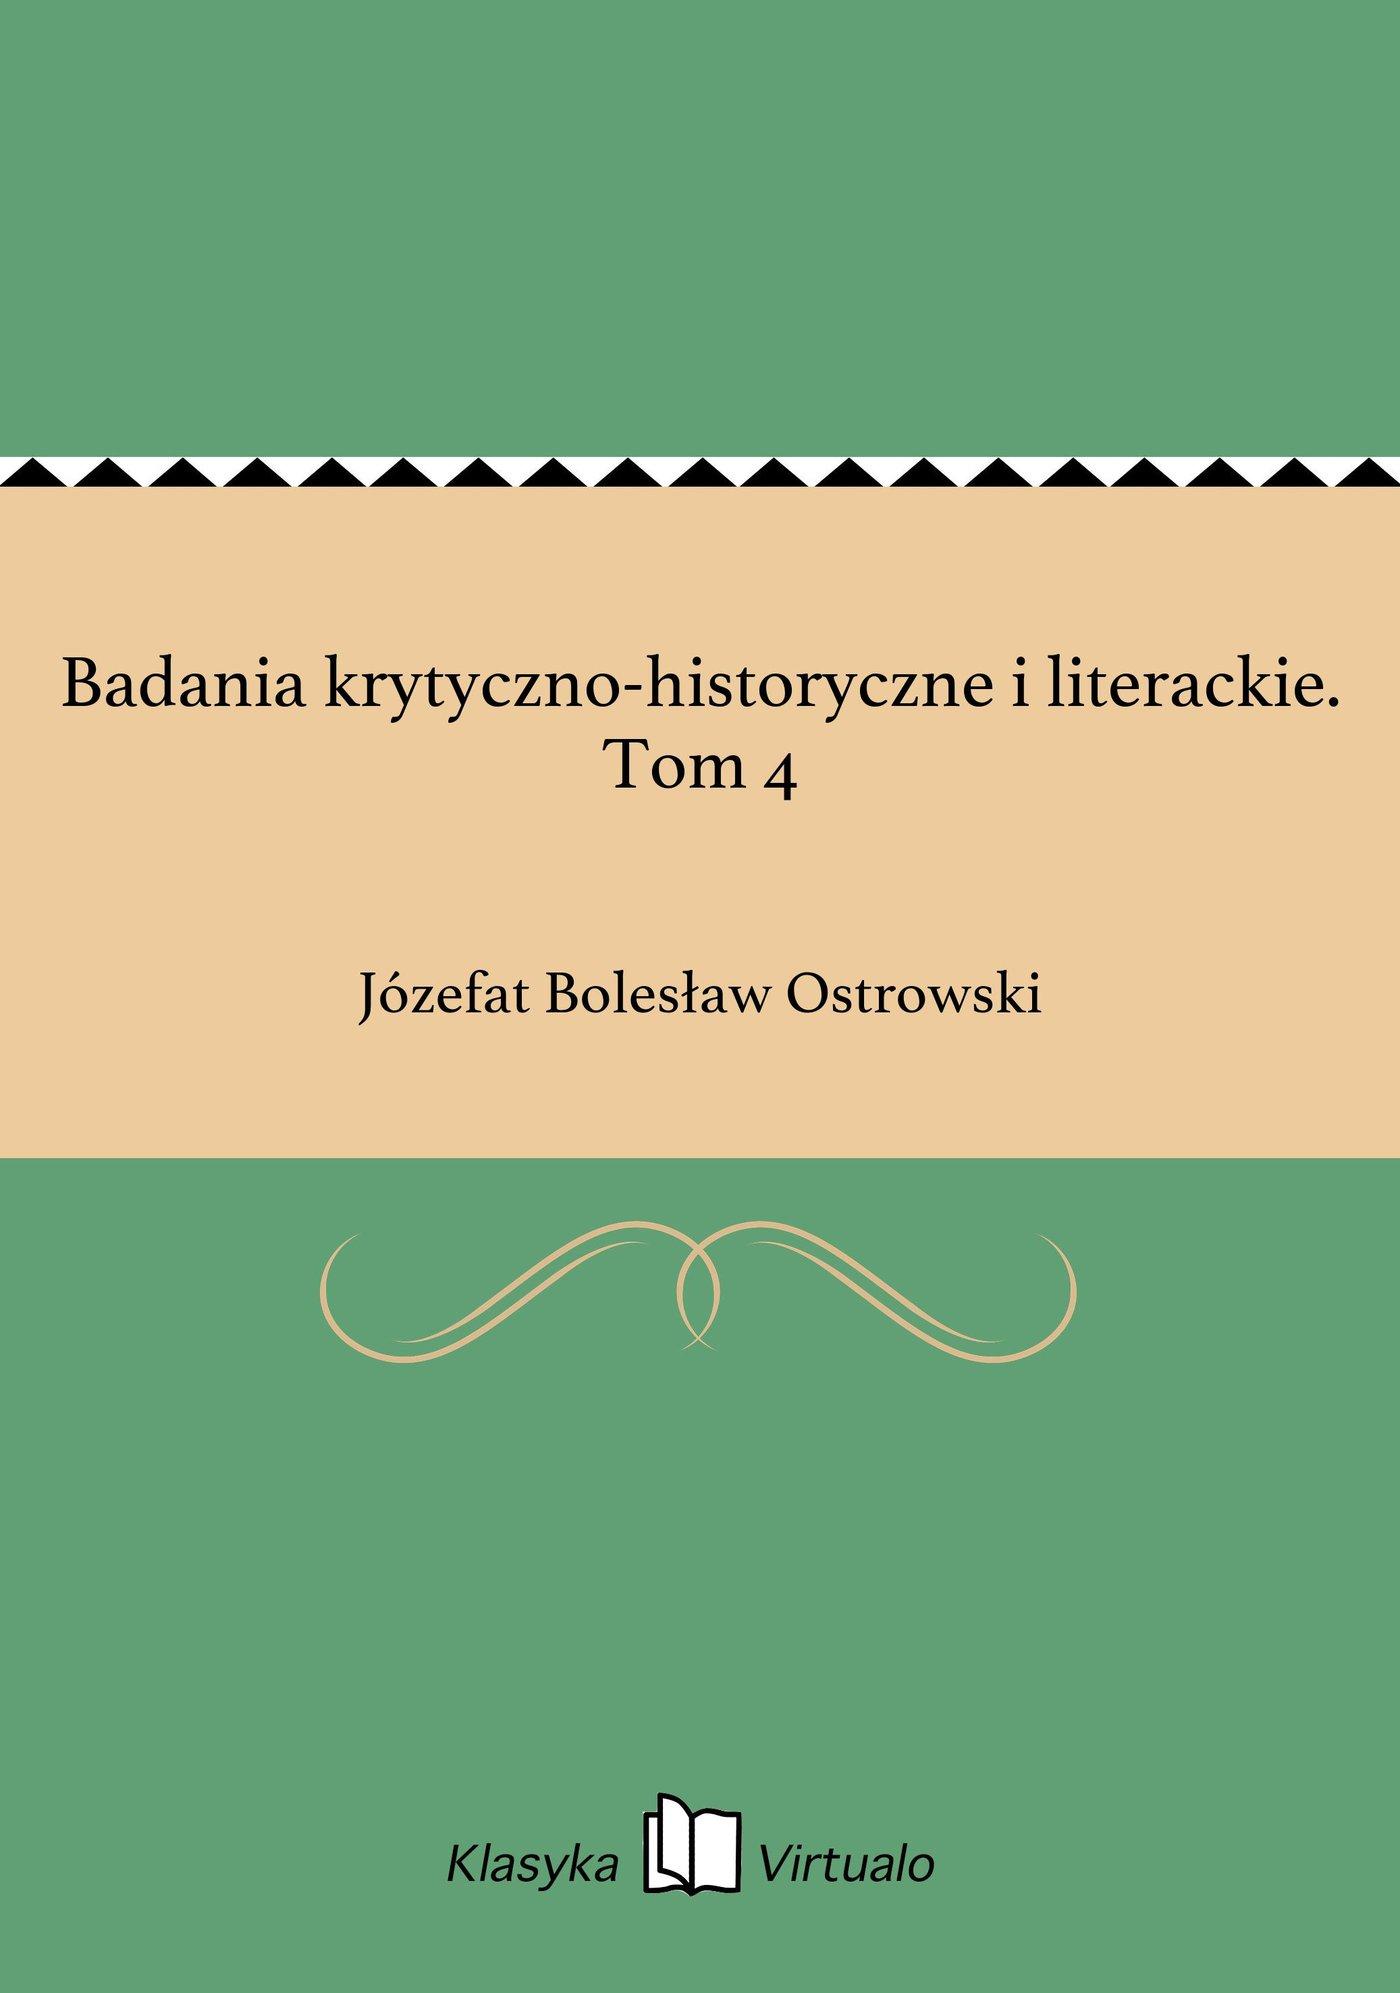 Badania krytyczno-historyczne i literackie. Tom 4 - Ebook (Książka EPUB) do pobrania w formacie EPUB